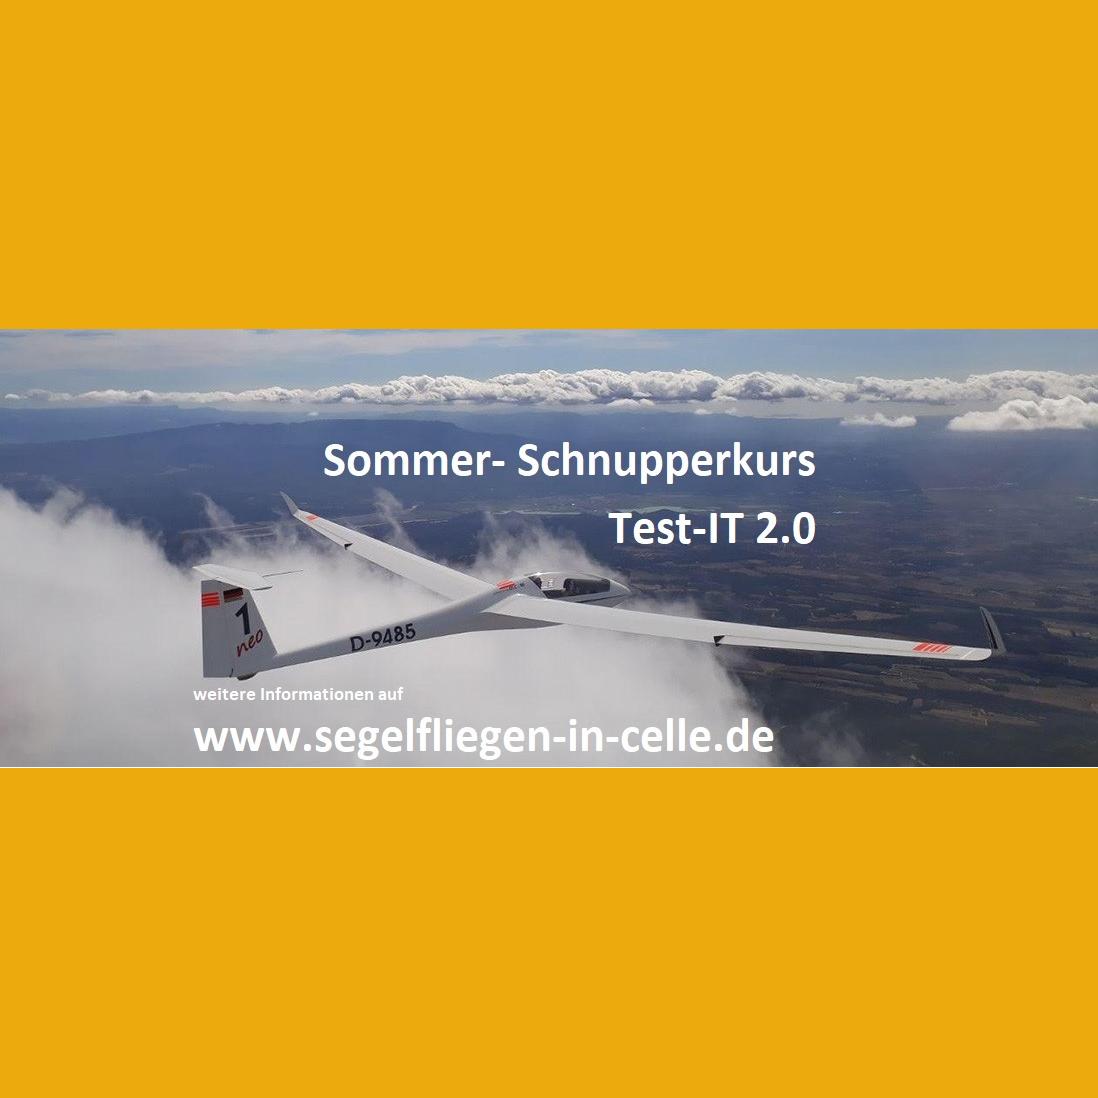 Schnupperkurs Test It 2.0/2019